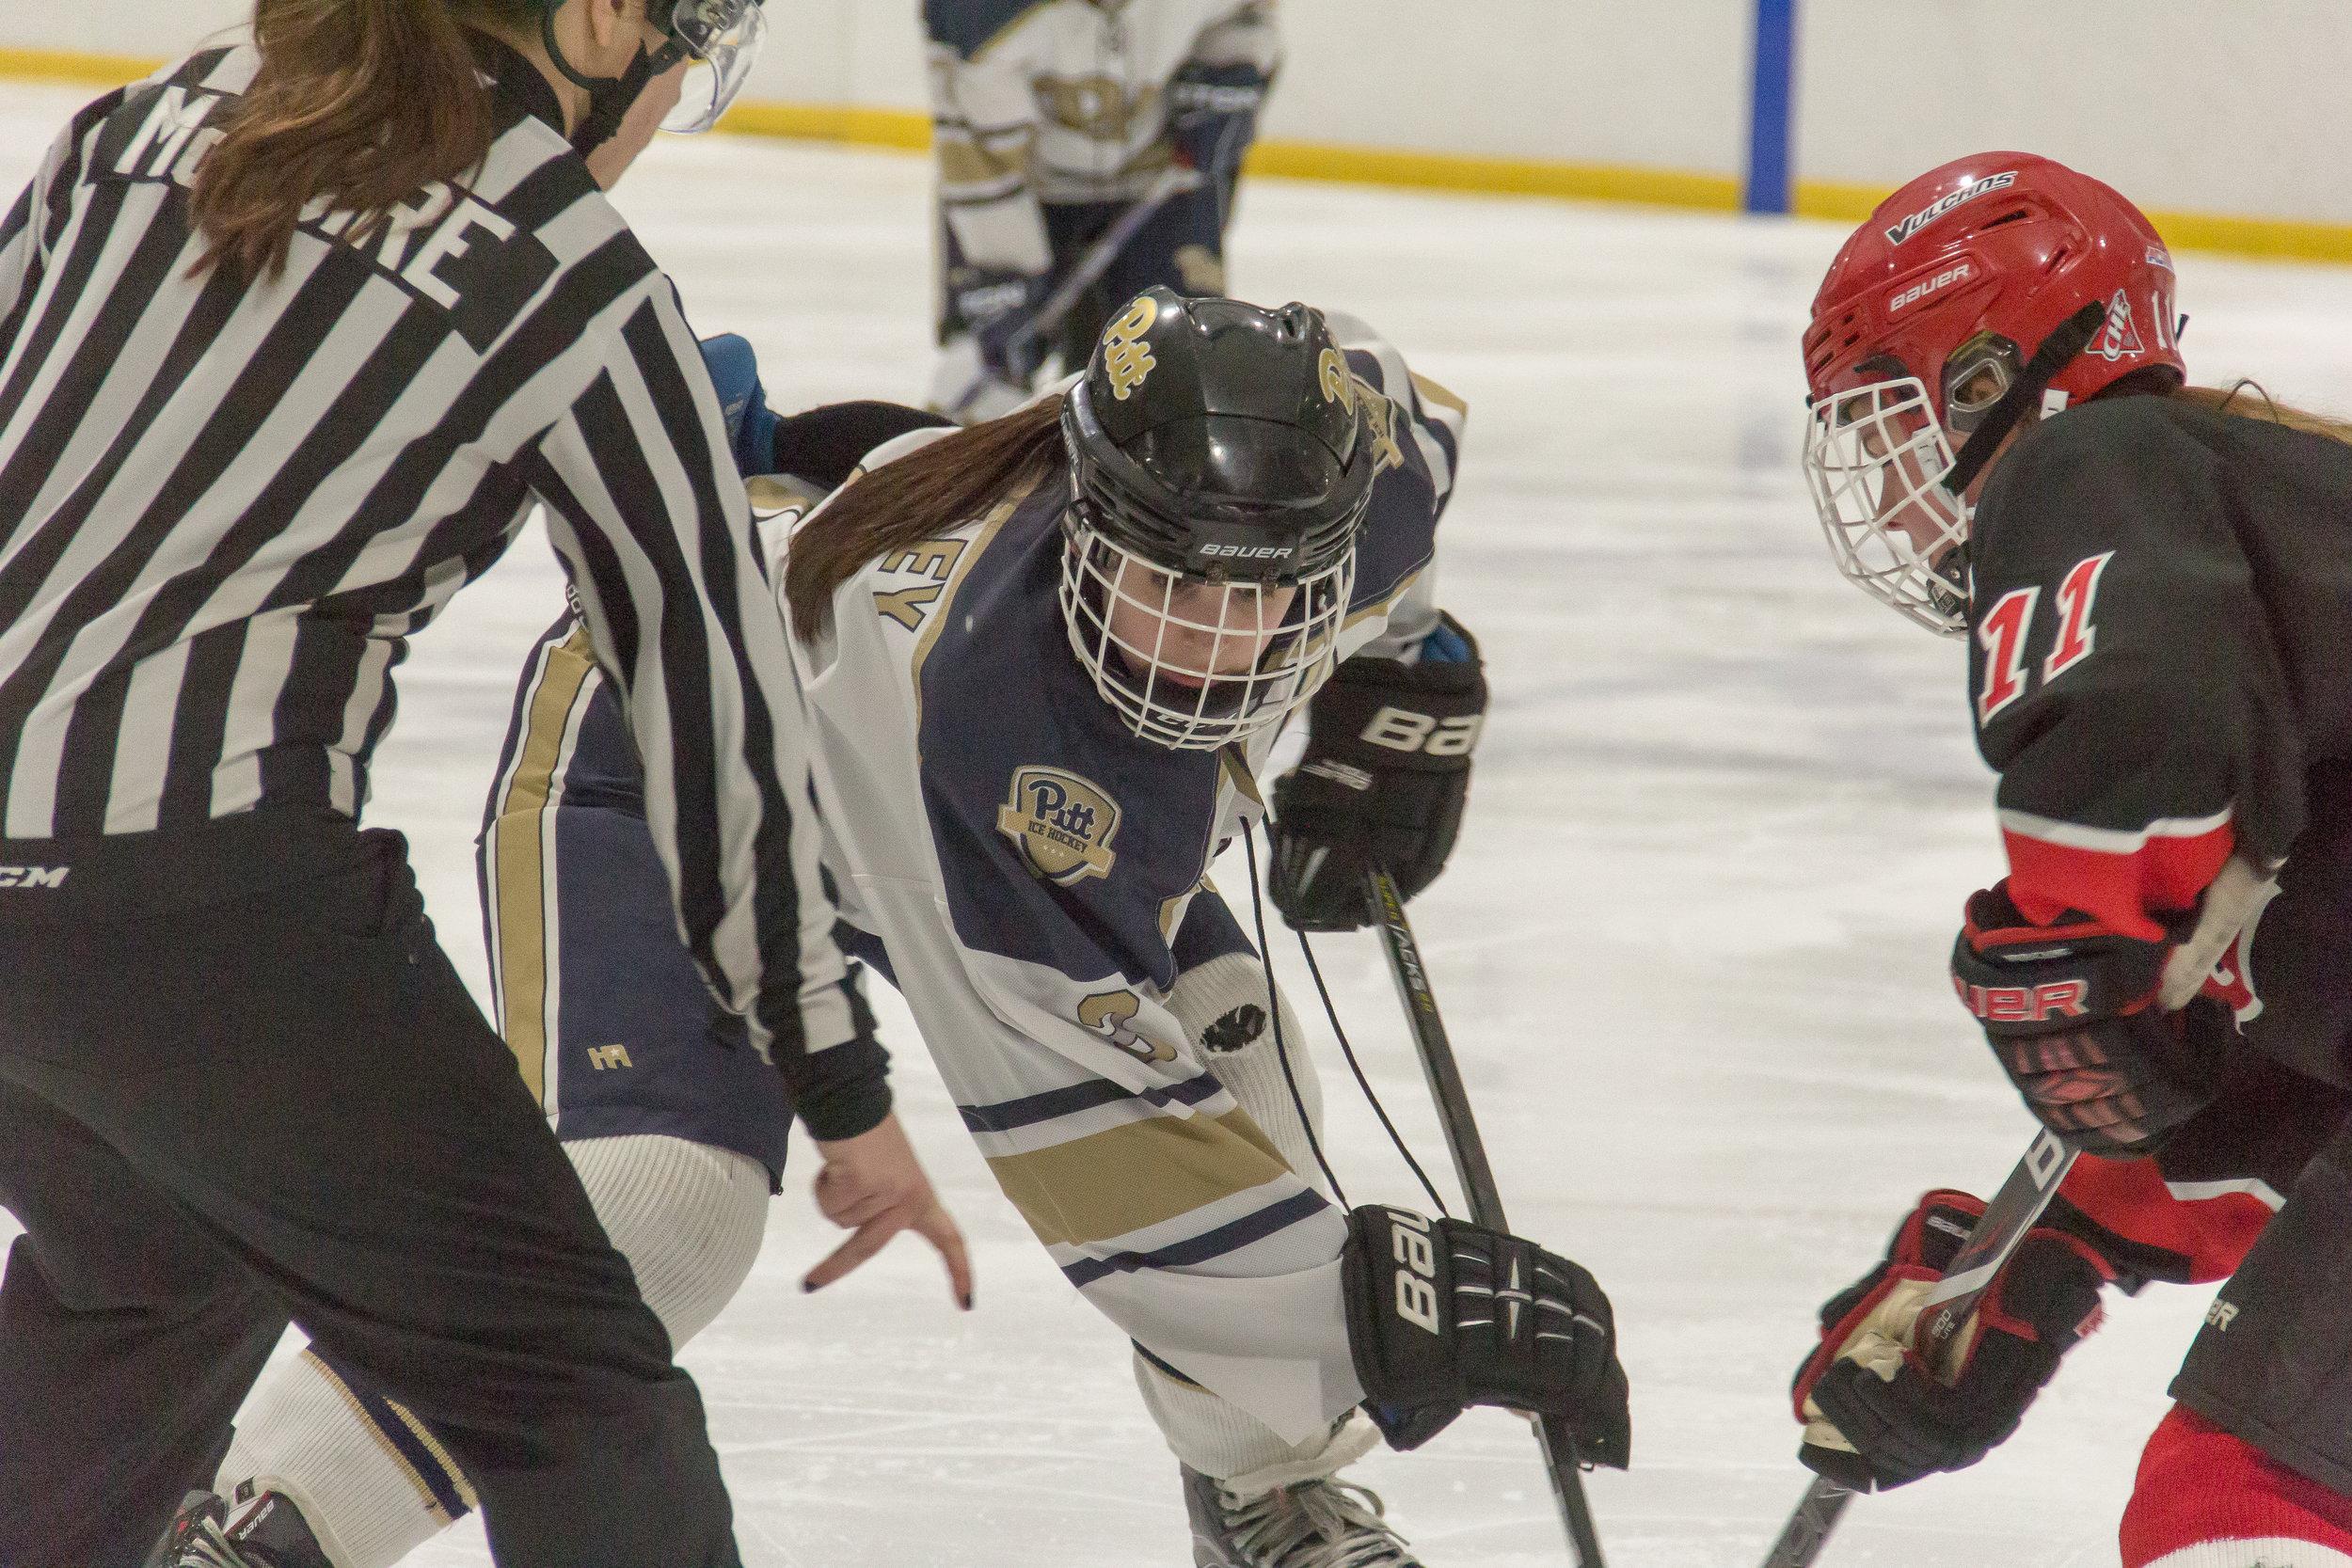 PittHockey-11.jpg